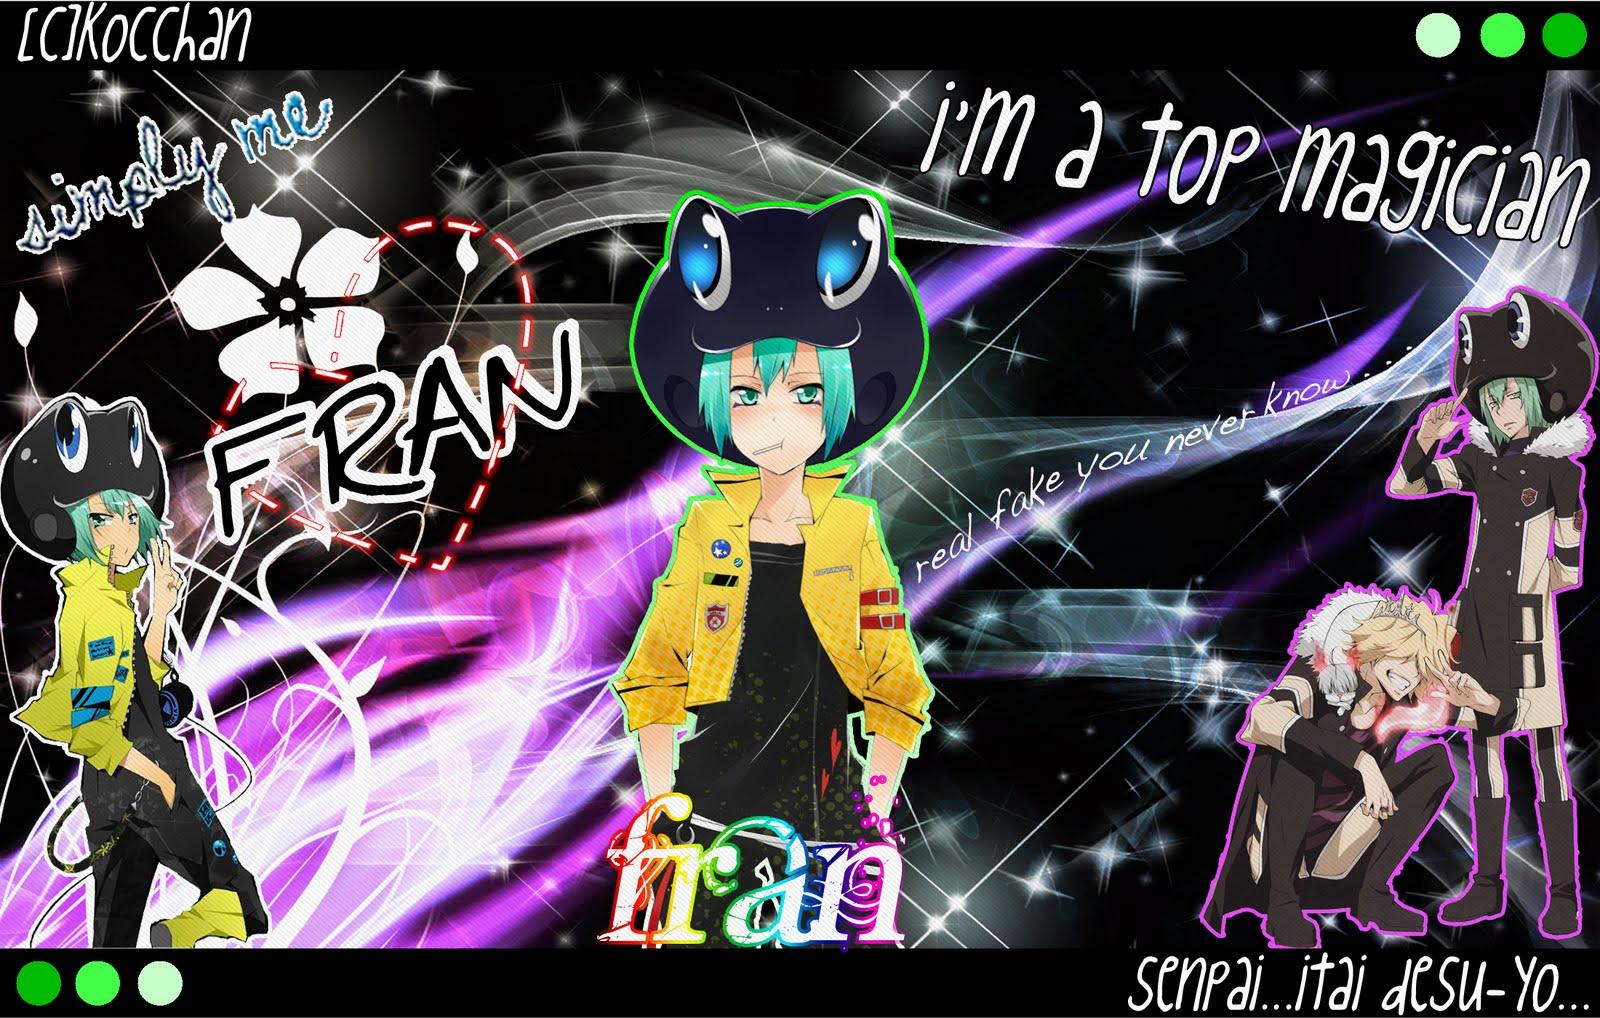 http://3.bp.blogspot.com/-x-yGScRbjFM/TbfjYpx3FxI/AAAAAAAAASY/sDC75Nd4DP0/s1600/Frannn.jpg